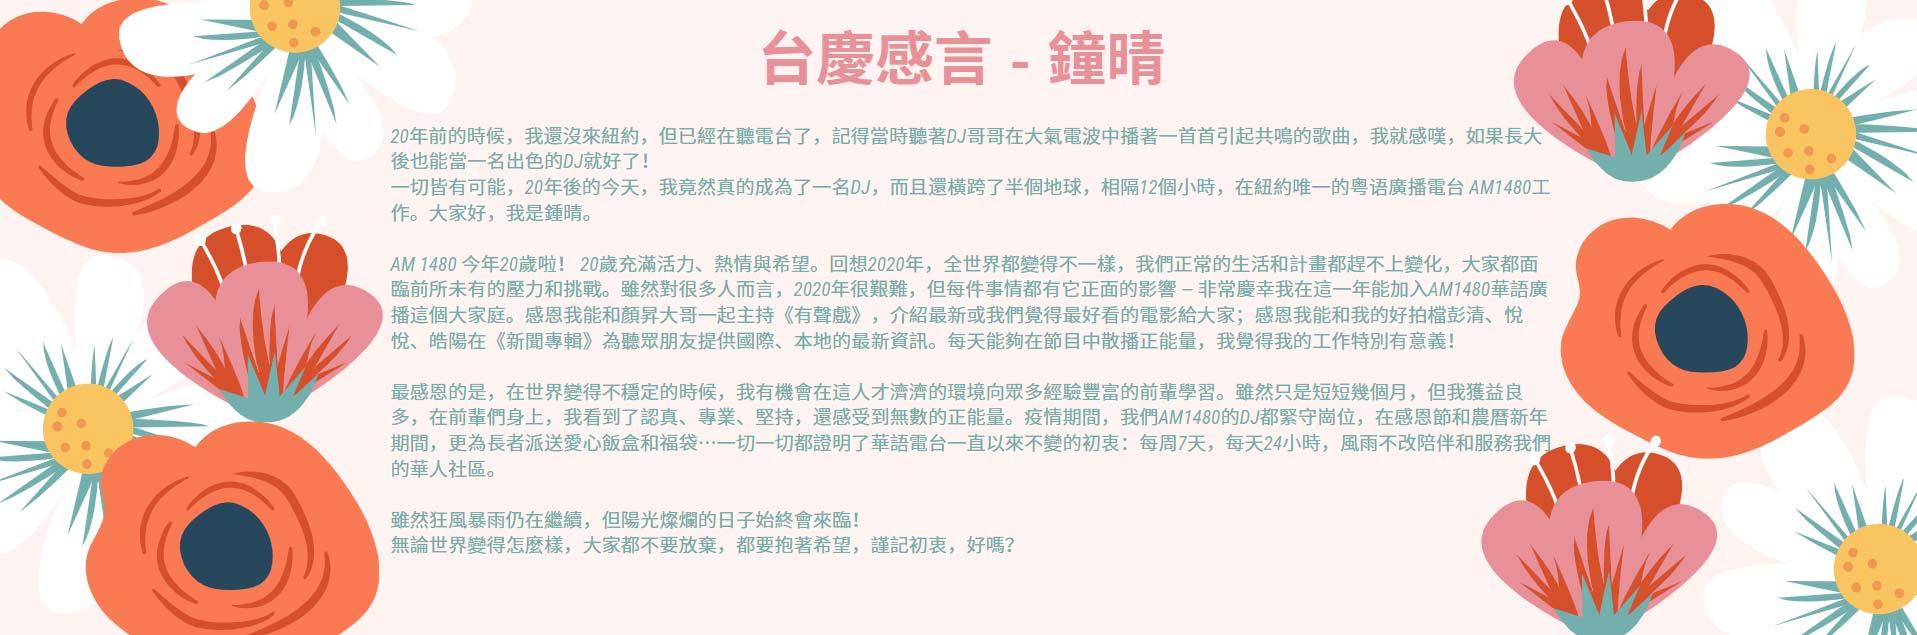 台慶感言 - 鐘晴web